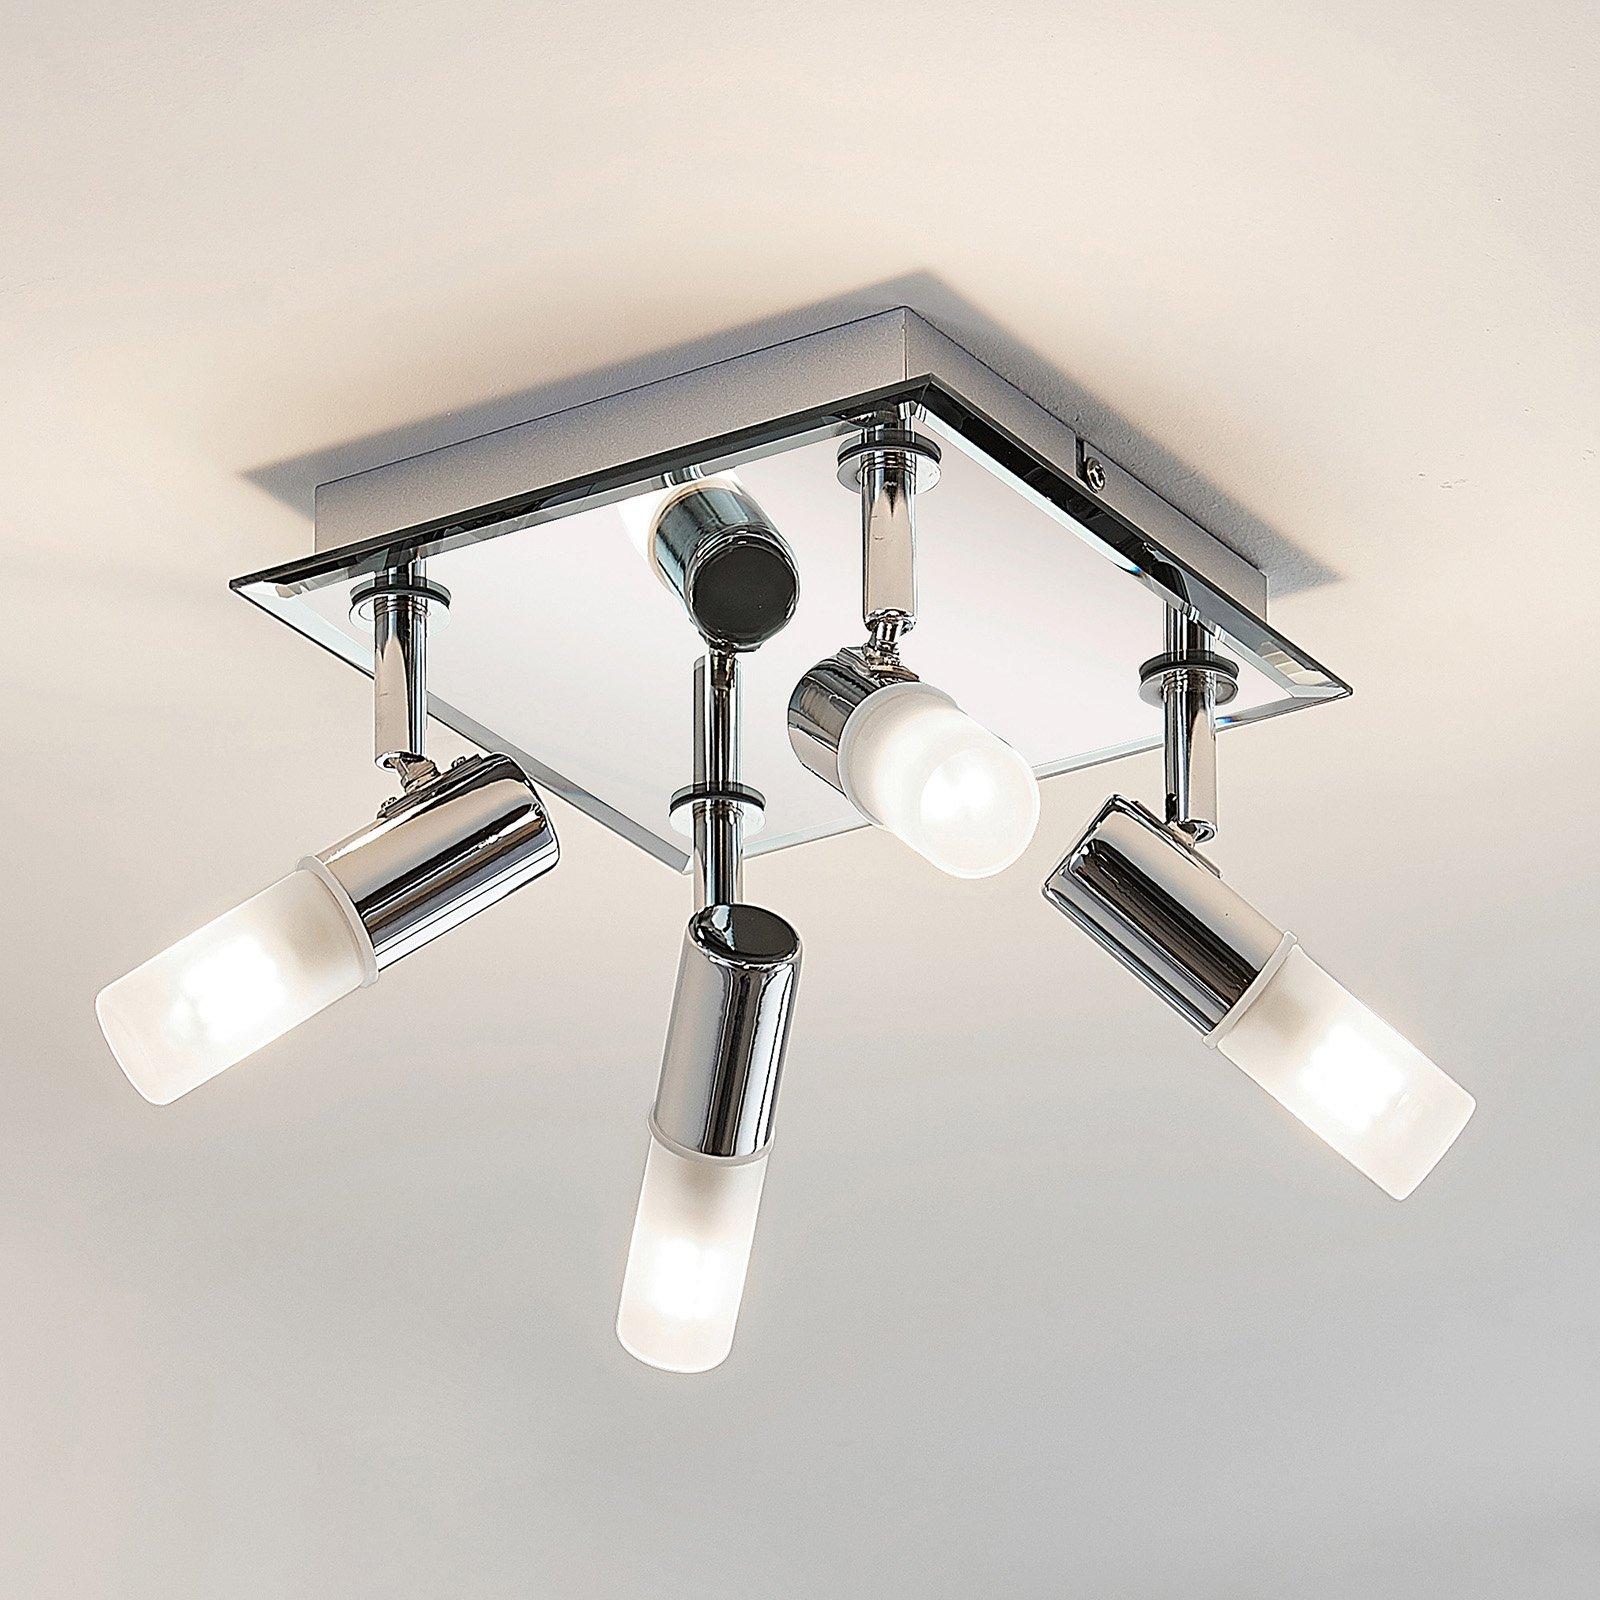 Taklampe til bad Zela, 4 lyskilder, 32 x 32 cm